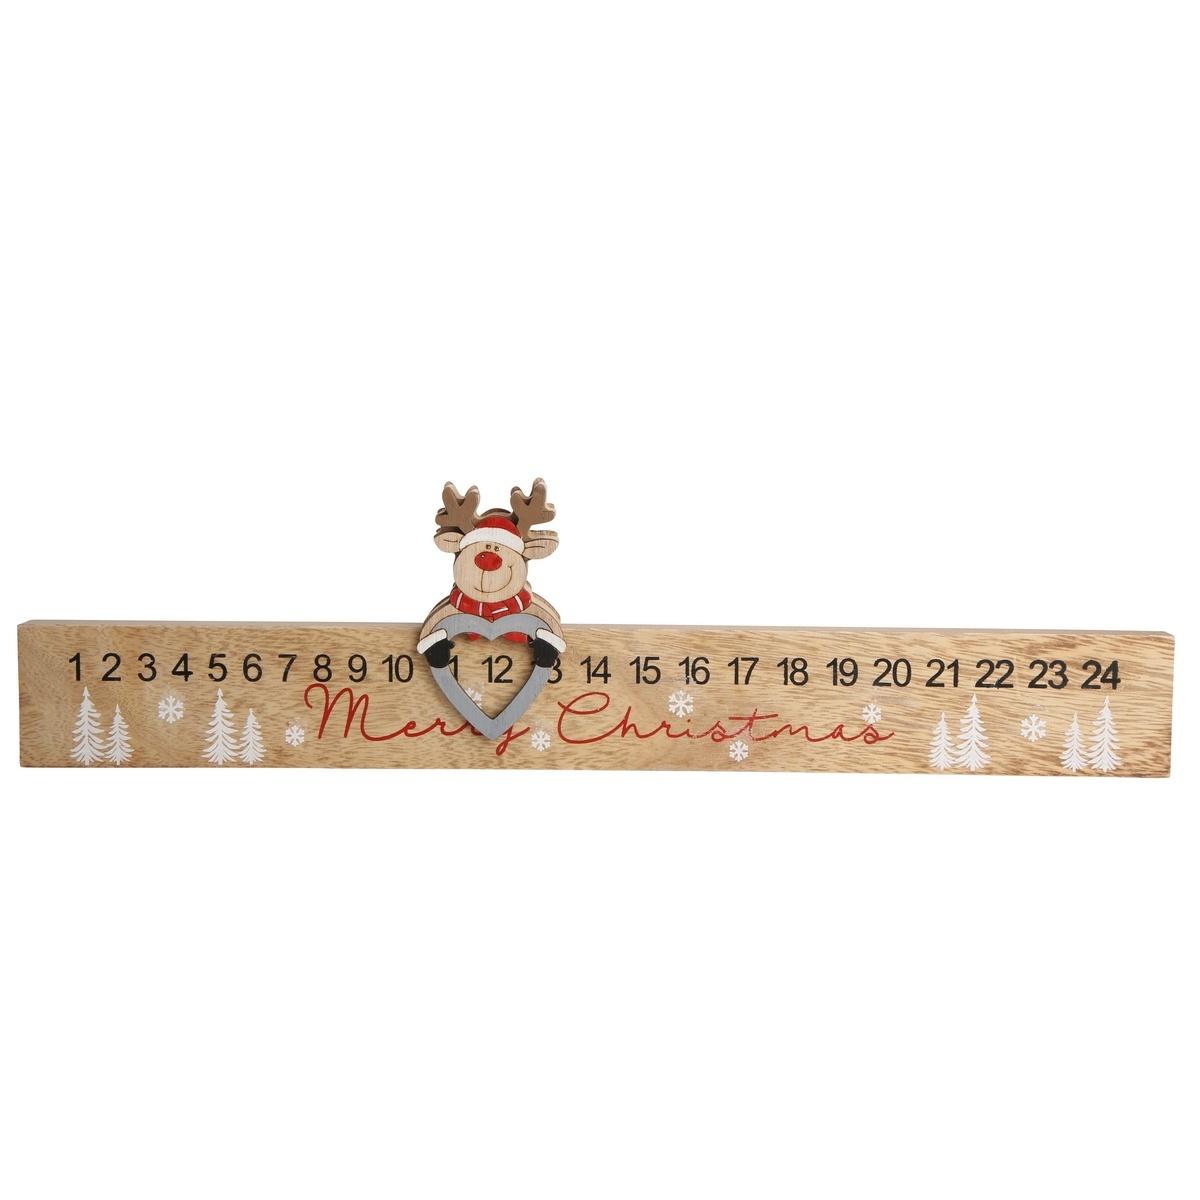 Altom Dřevěný adventní kalendář Deer, 38 x 9,5 cm